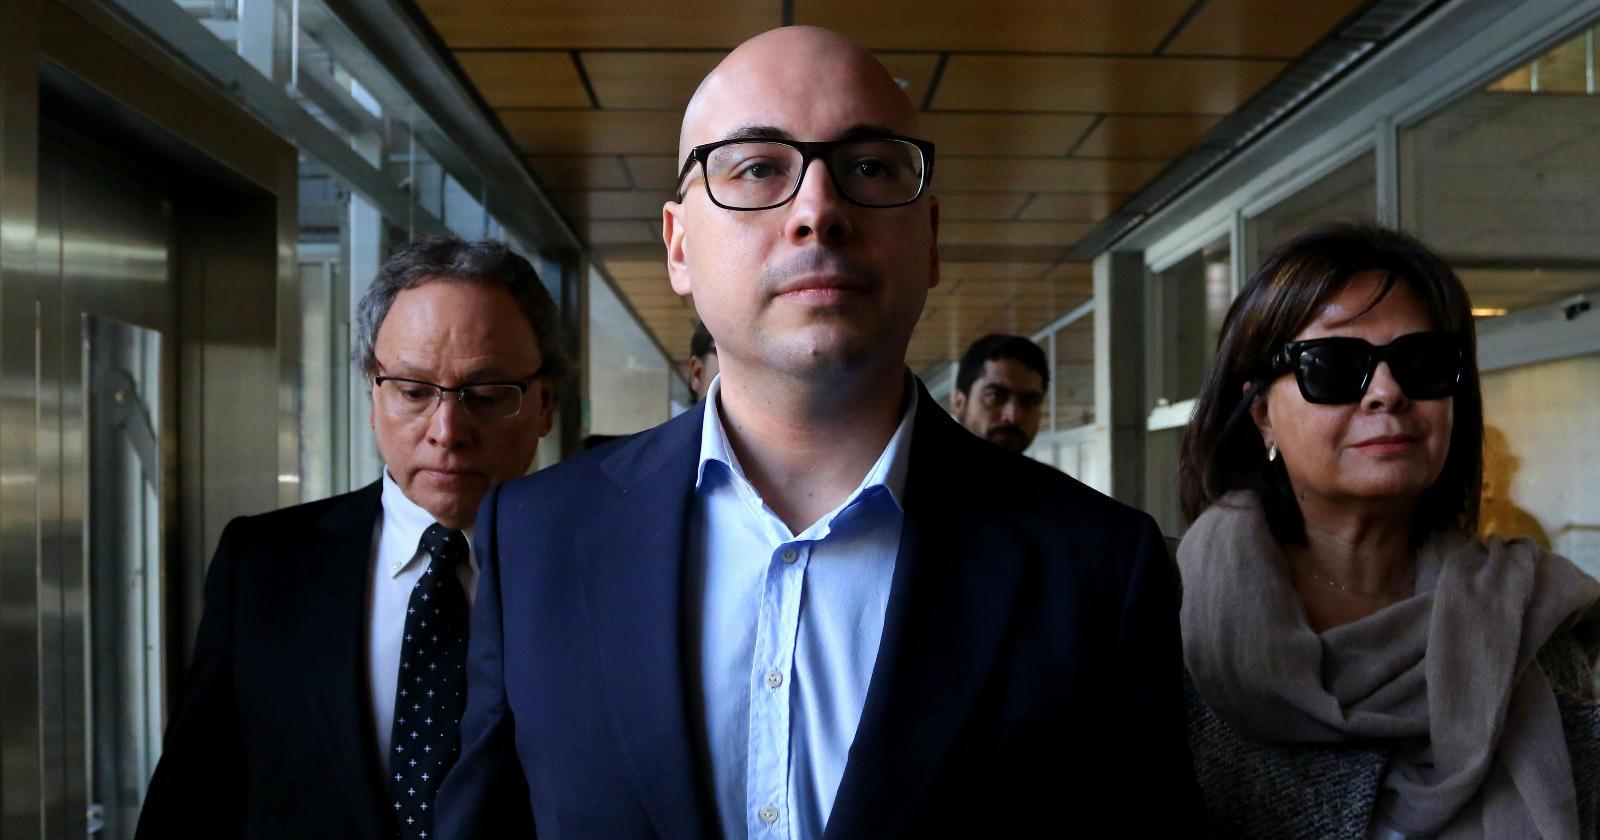 Por violación y abuso sexual: fiscalía solicitará 15 años de cárcel para Nicolás López